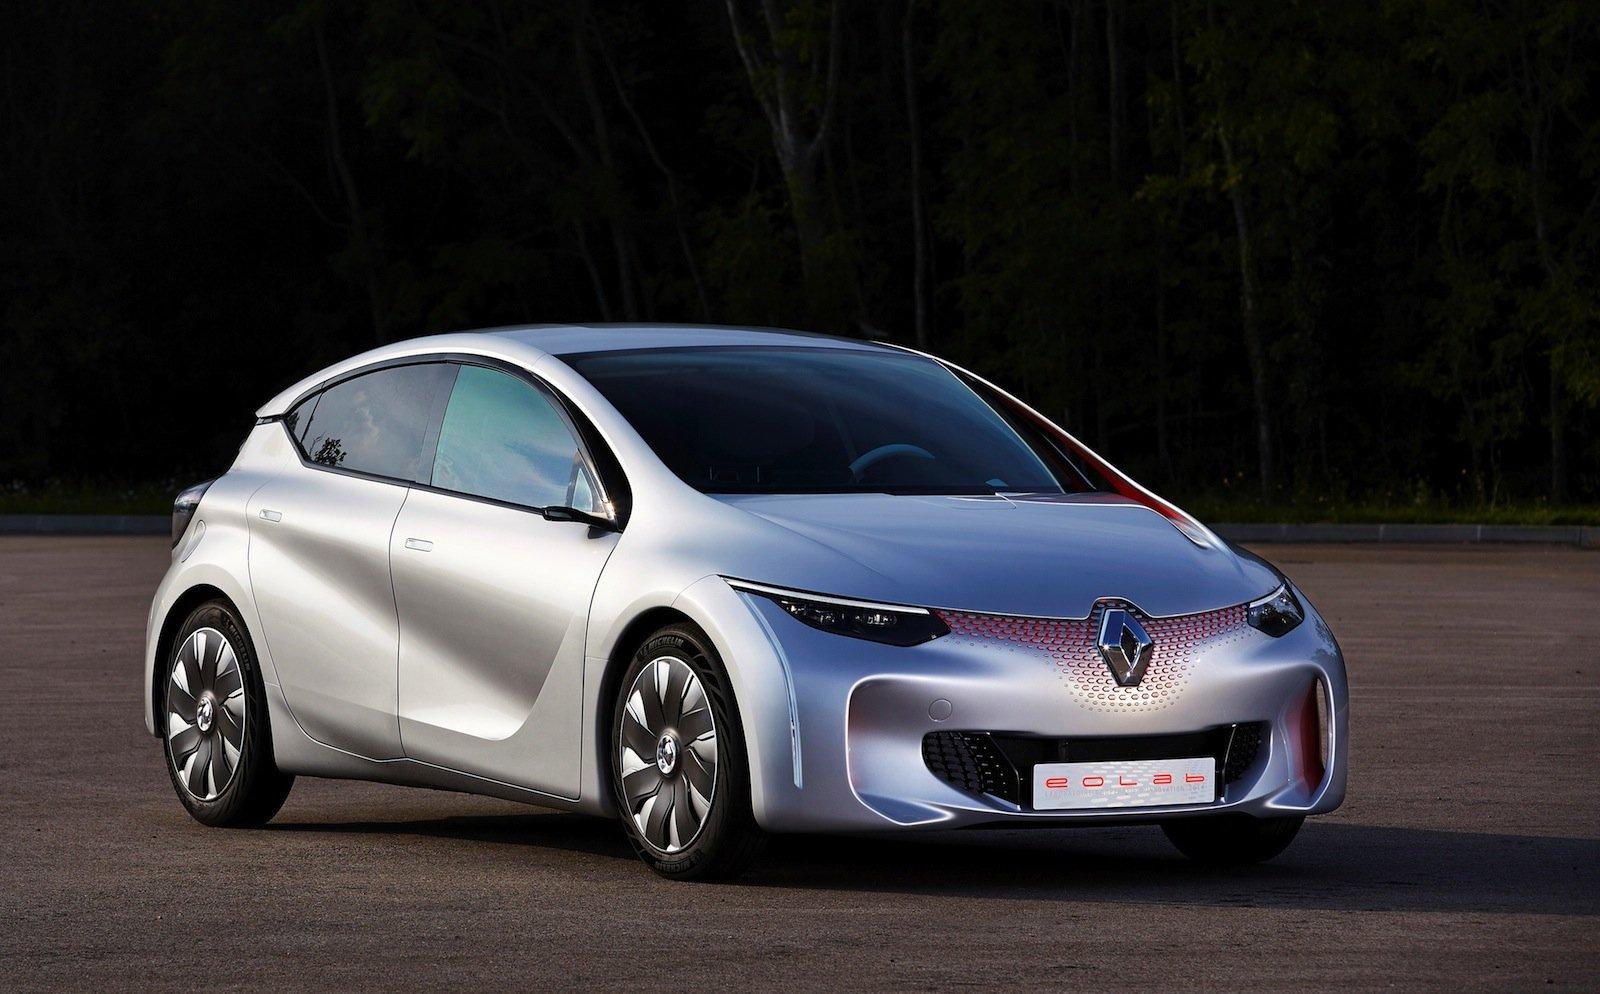 Auf dem Pariser Autosalon vom 4. bis 19. Oktober will Renault seine Studie Eolab vorstellen, die nur einen Liter Benzin verbrauchen soll.